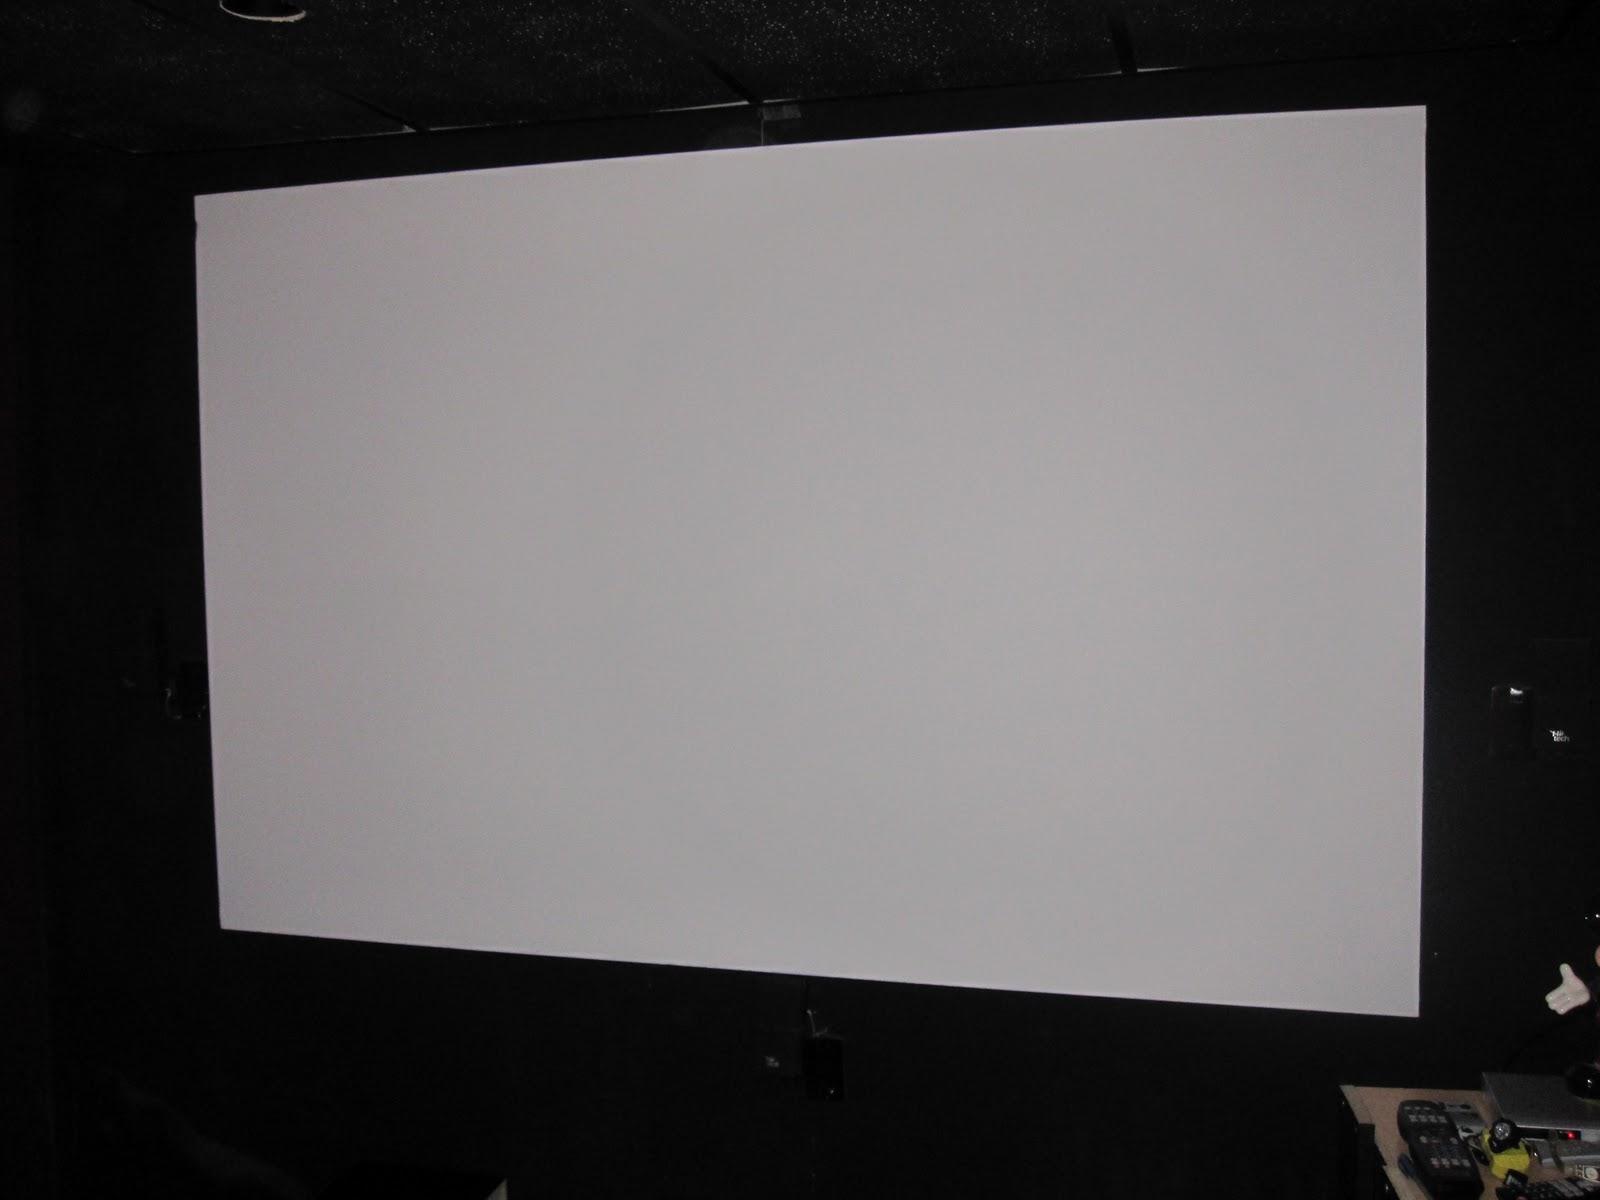 El cine en casa lima diciembre 2011 for Pantalla para proyector